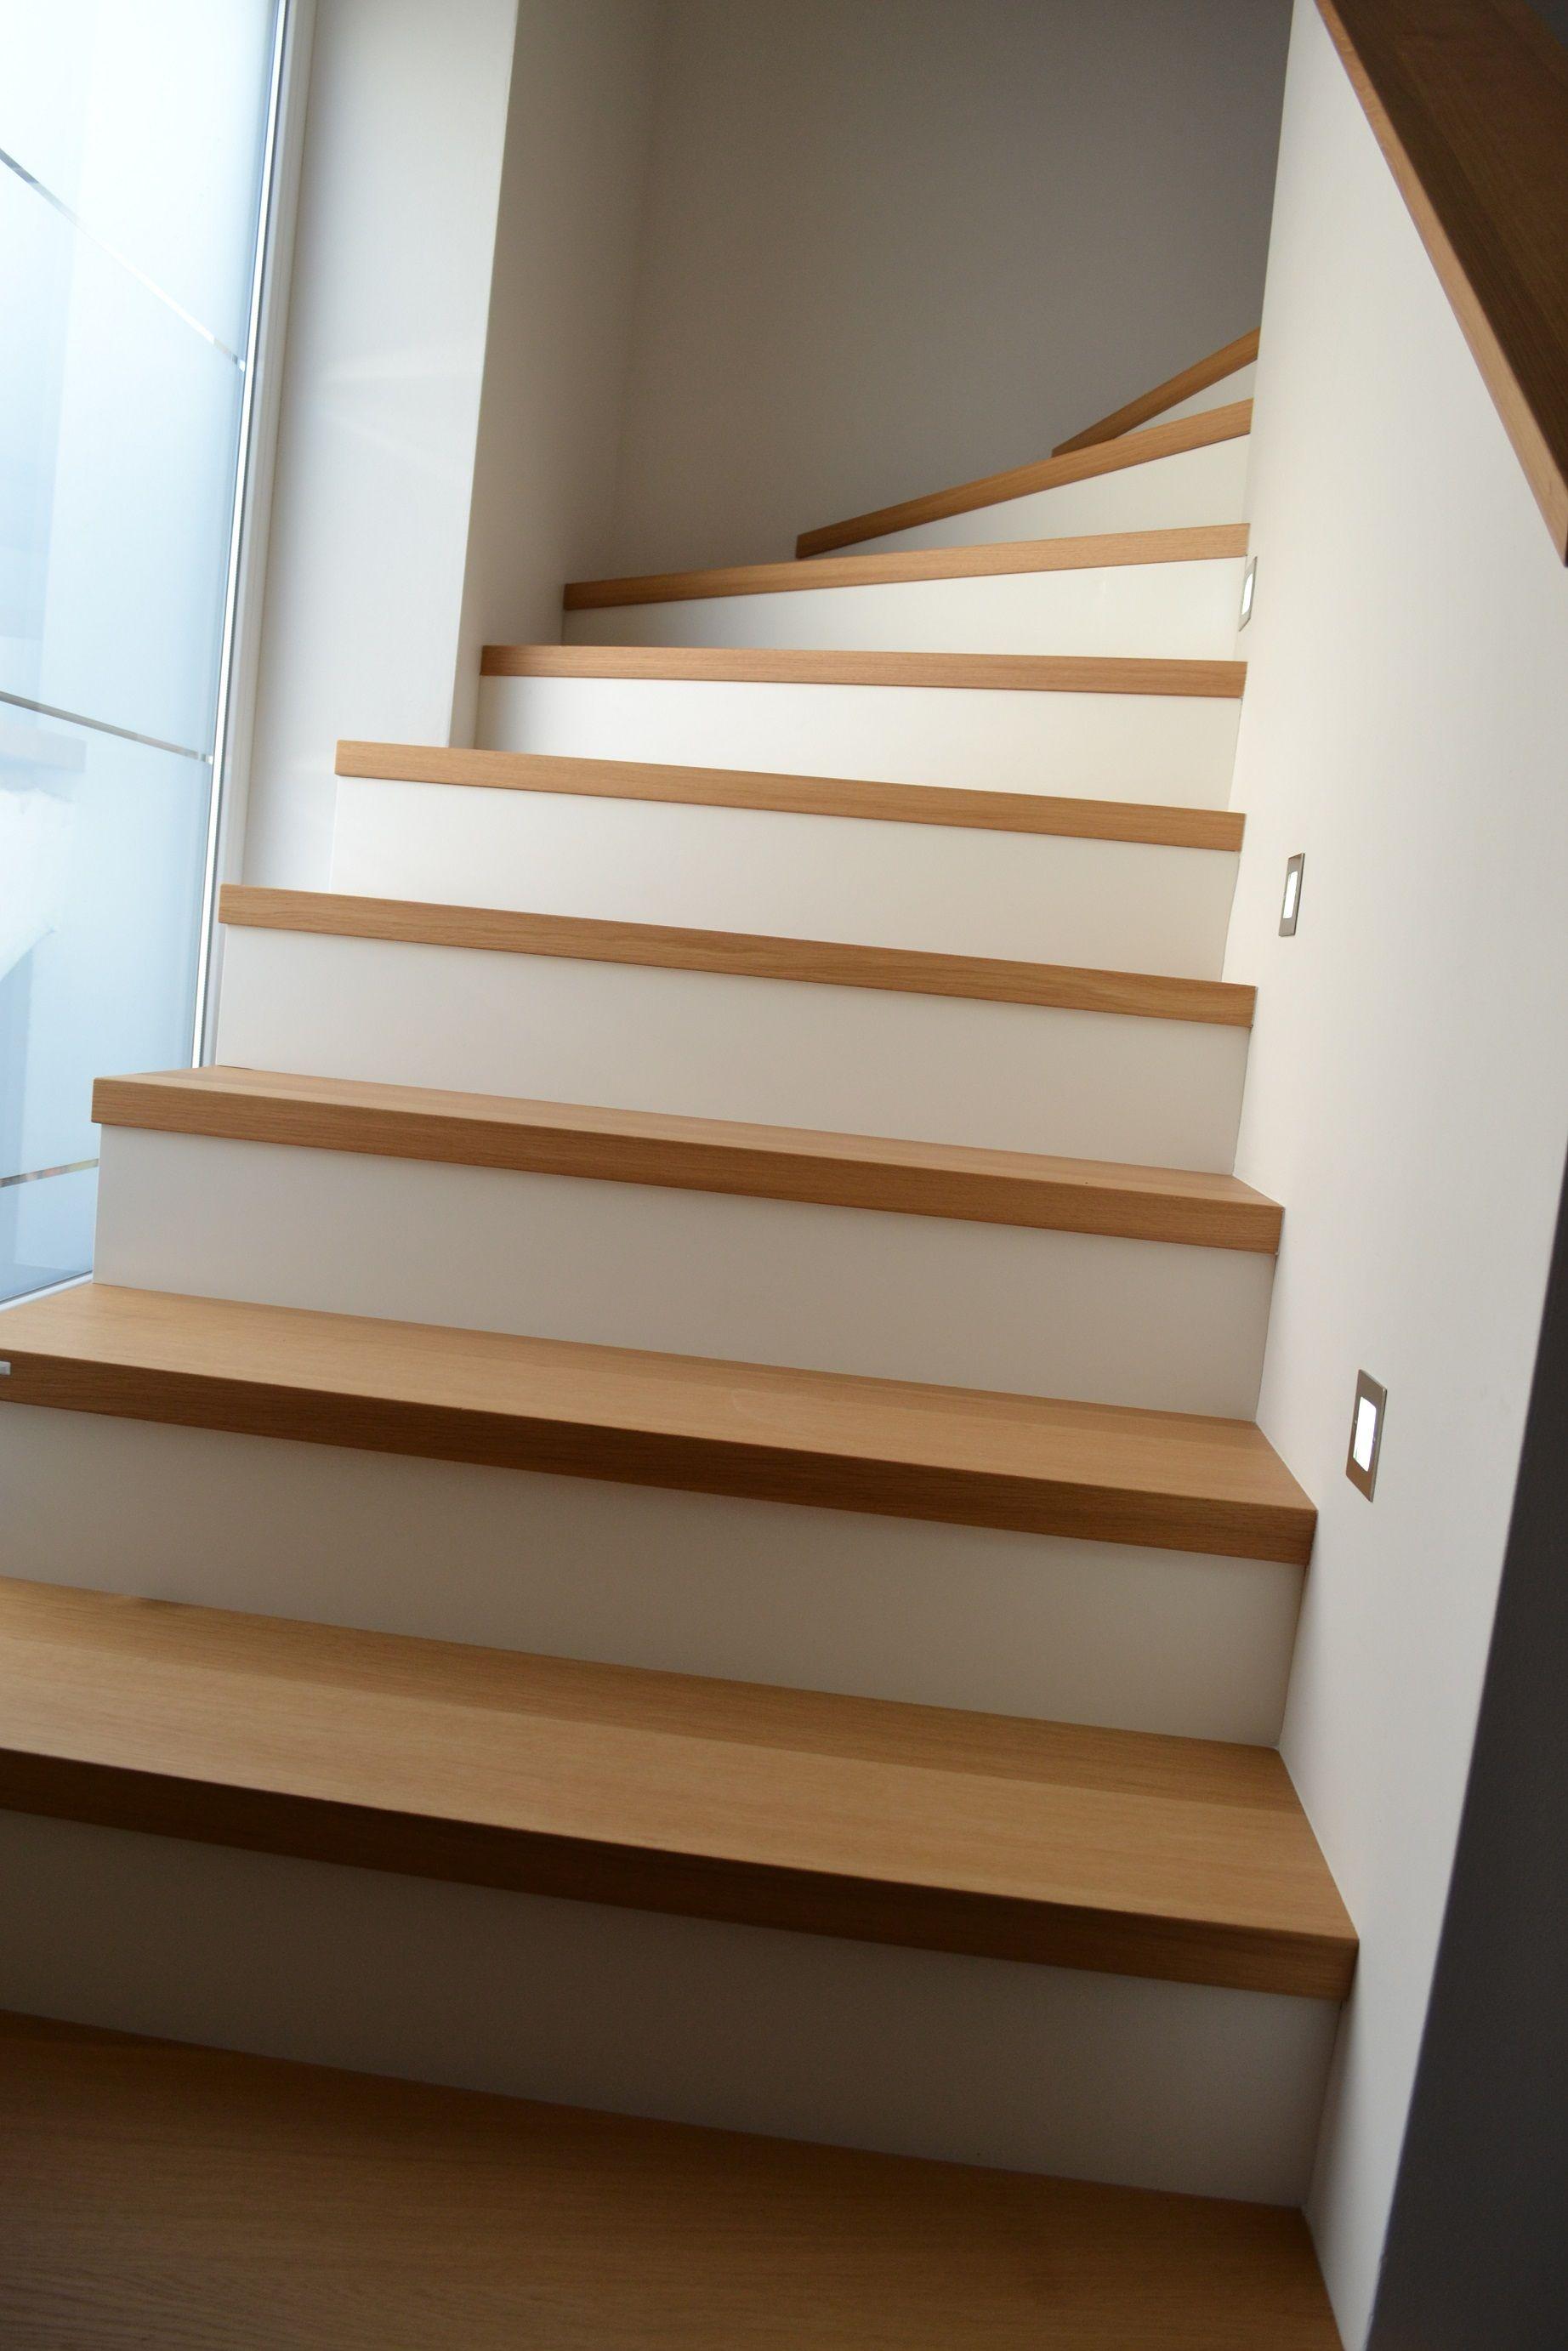 helles treppenhaus, ideen mit holz - es müssen nicht immer fliesen